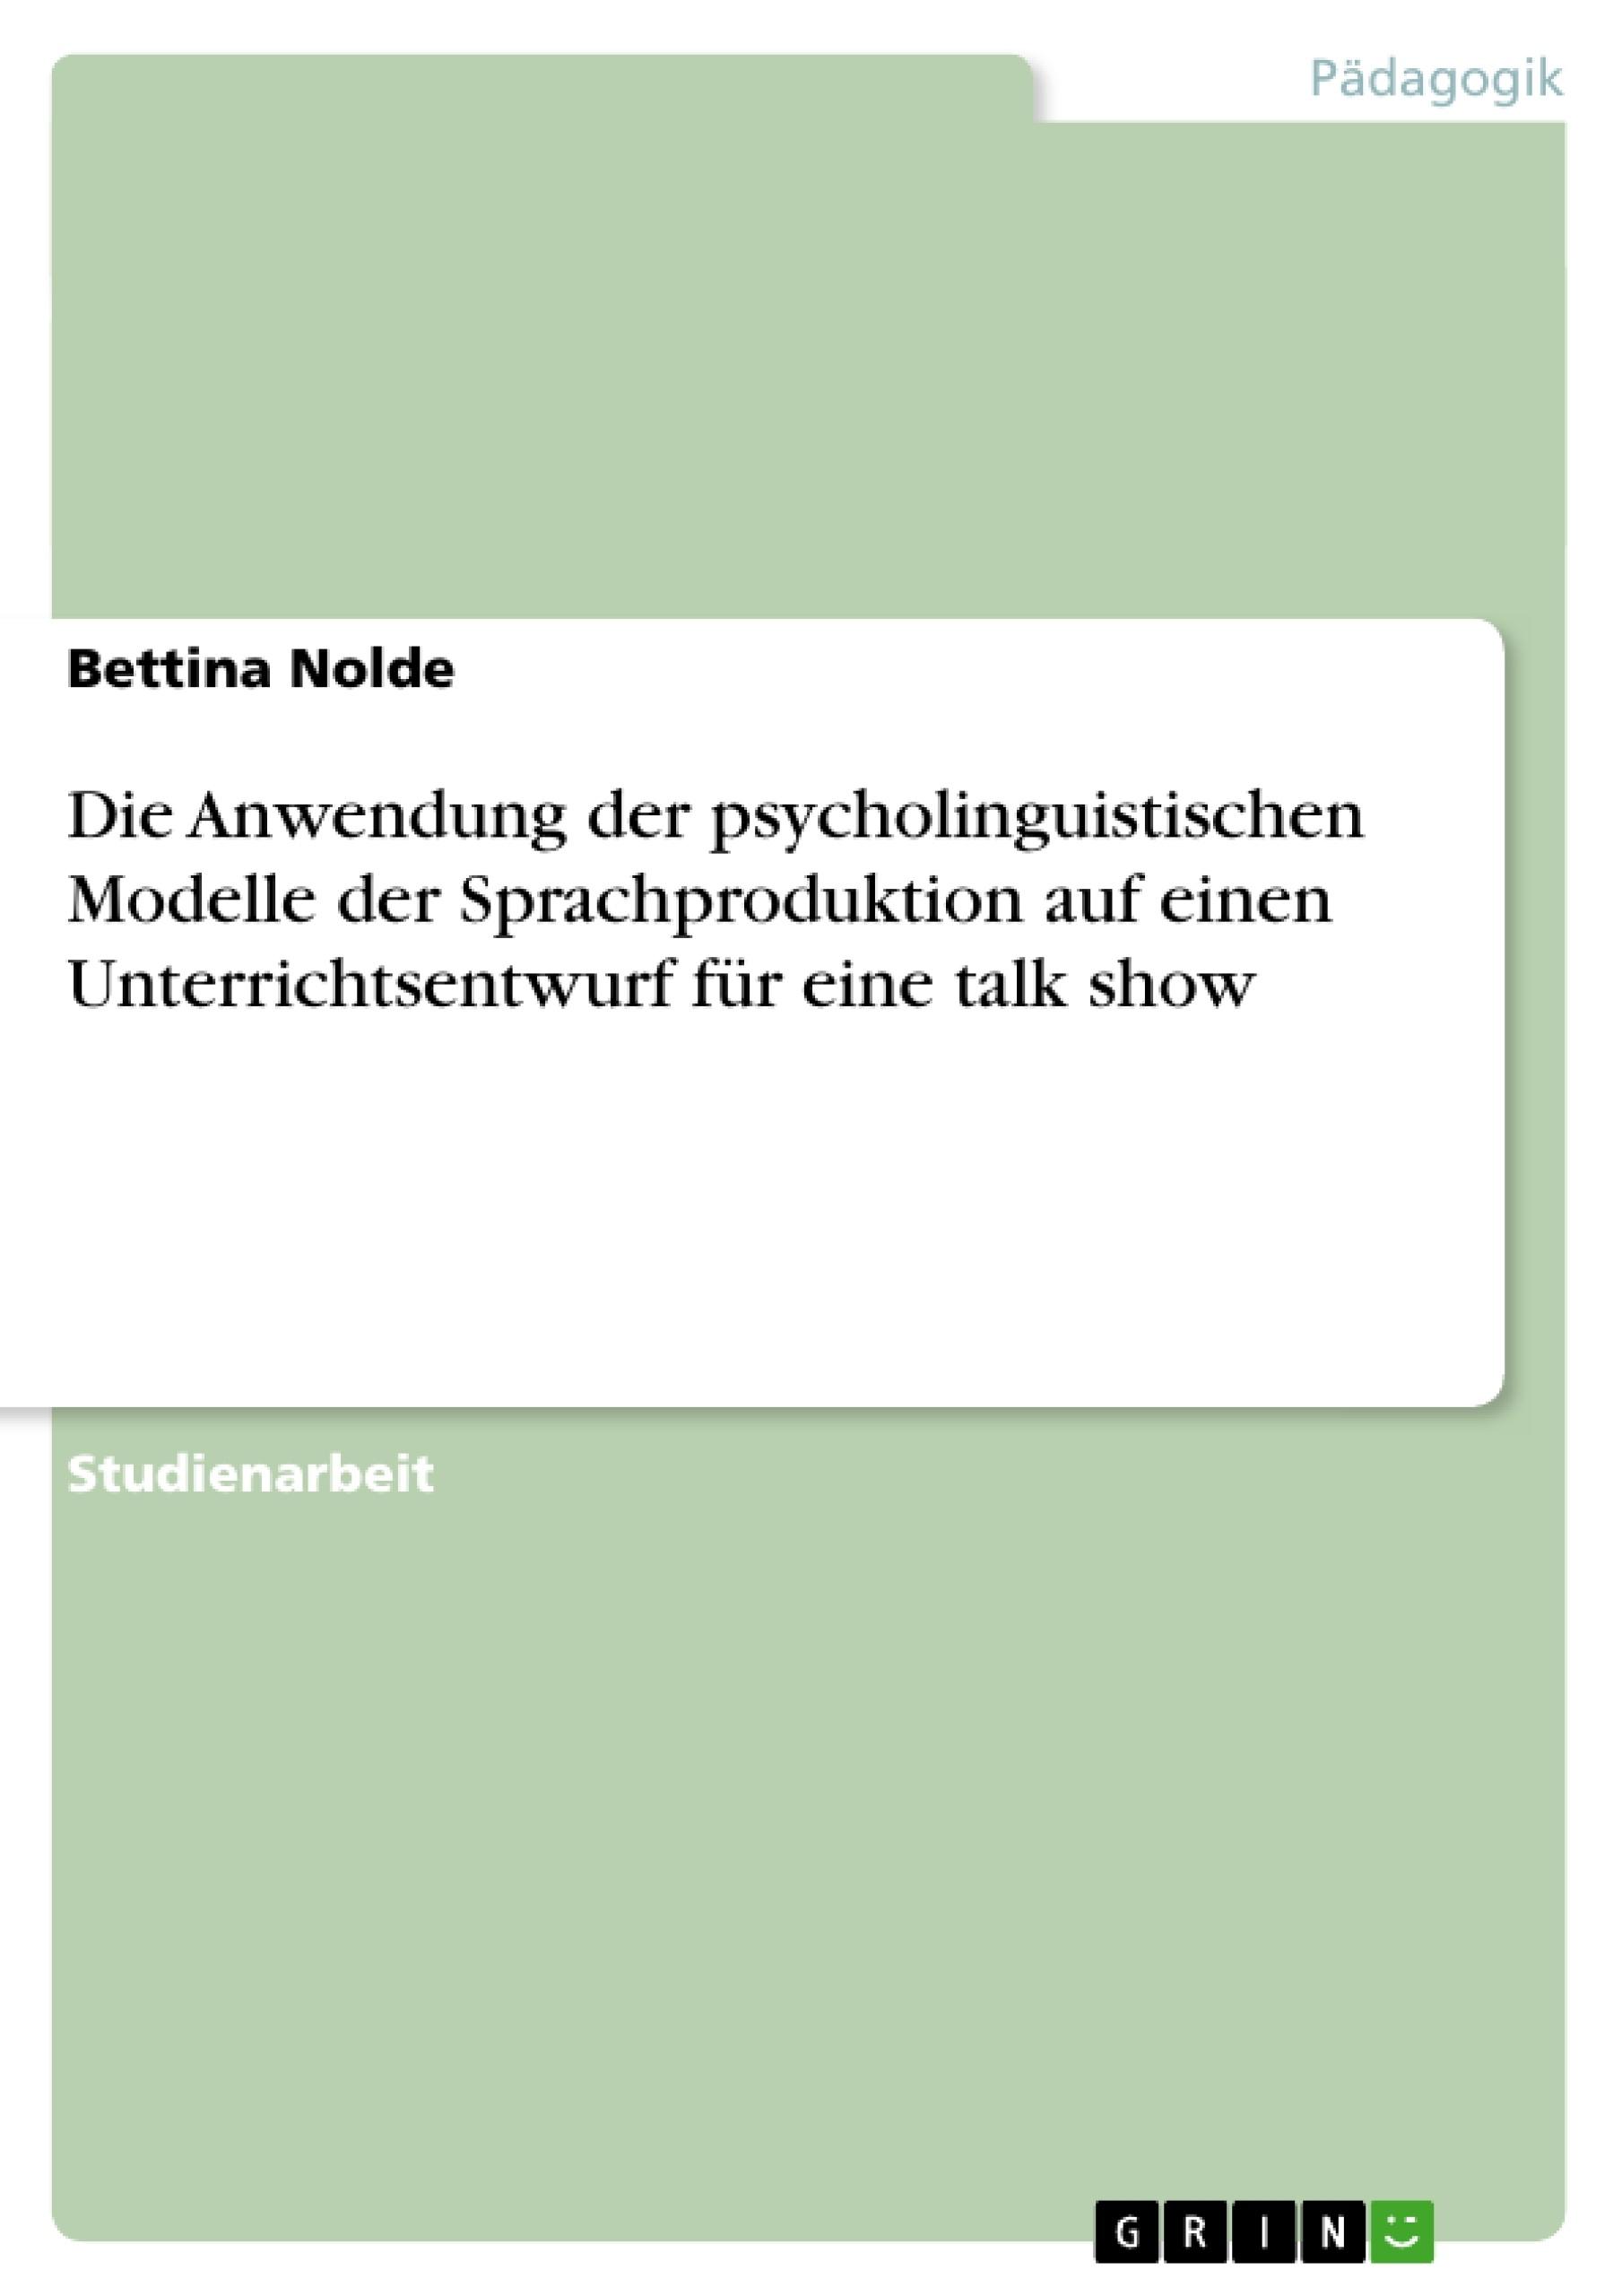 Titel: Die Anwendung der psycholinguistischen Modelle der Sprachproduktion auf einen Unterrichtsentwurf für eine talk show